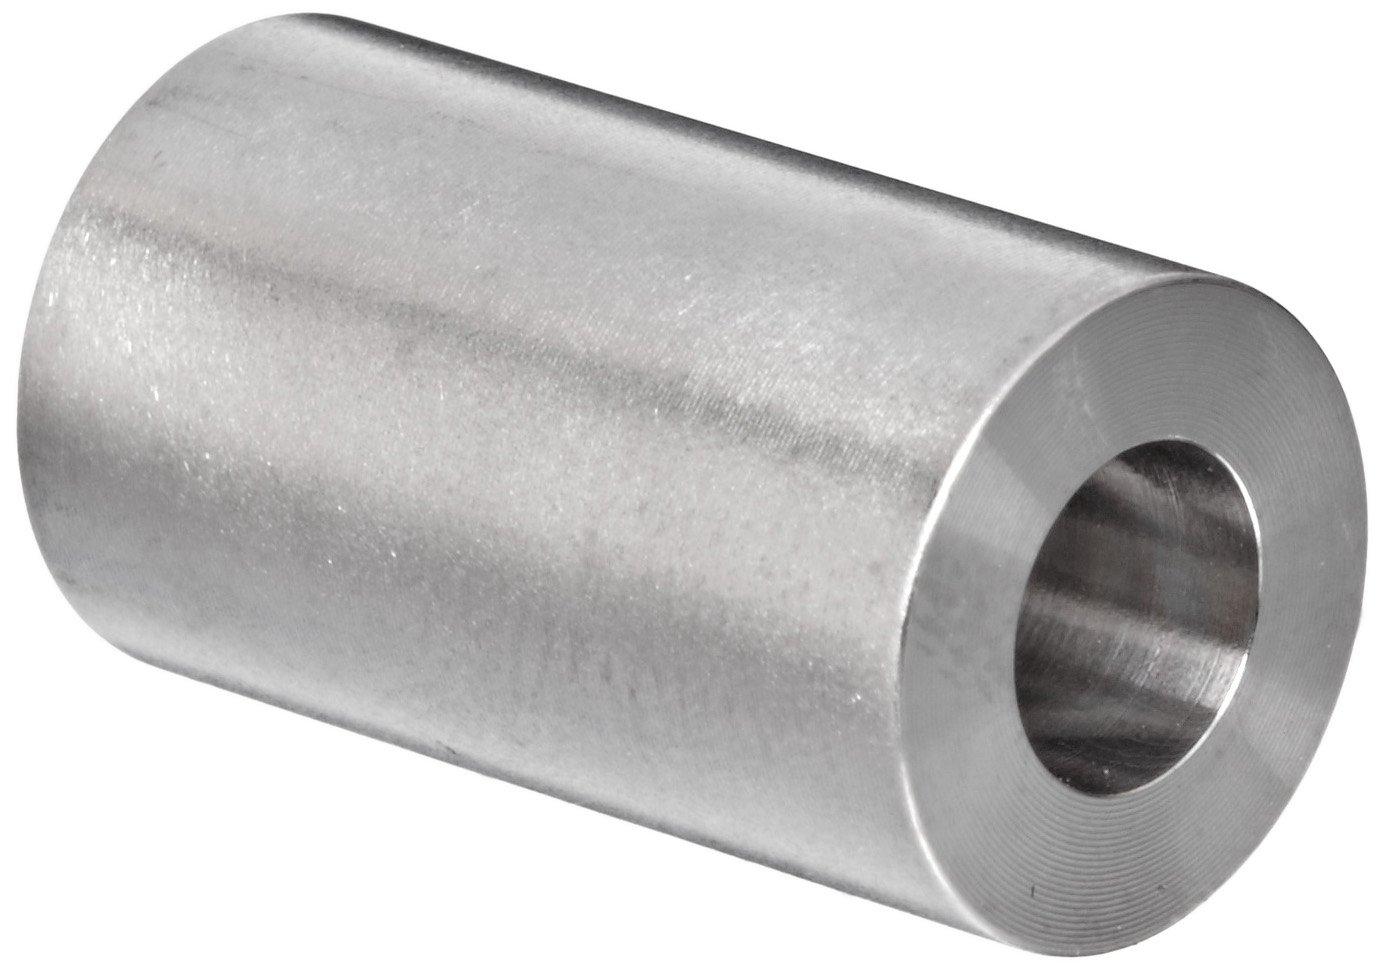 Parker Weld-Lok 8-4 TRW-SS Stainless Steel 316 Socket Weld Tube Fitting, Reducer, 1/2'' x 1/4'' Tube OD, 0.19'' Bore